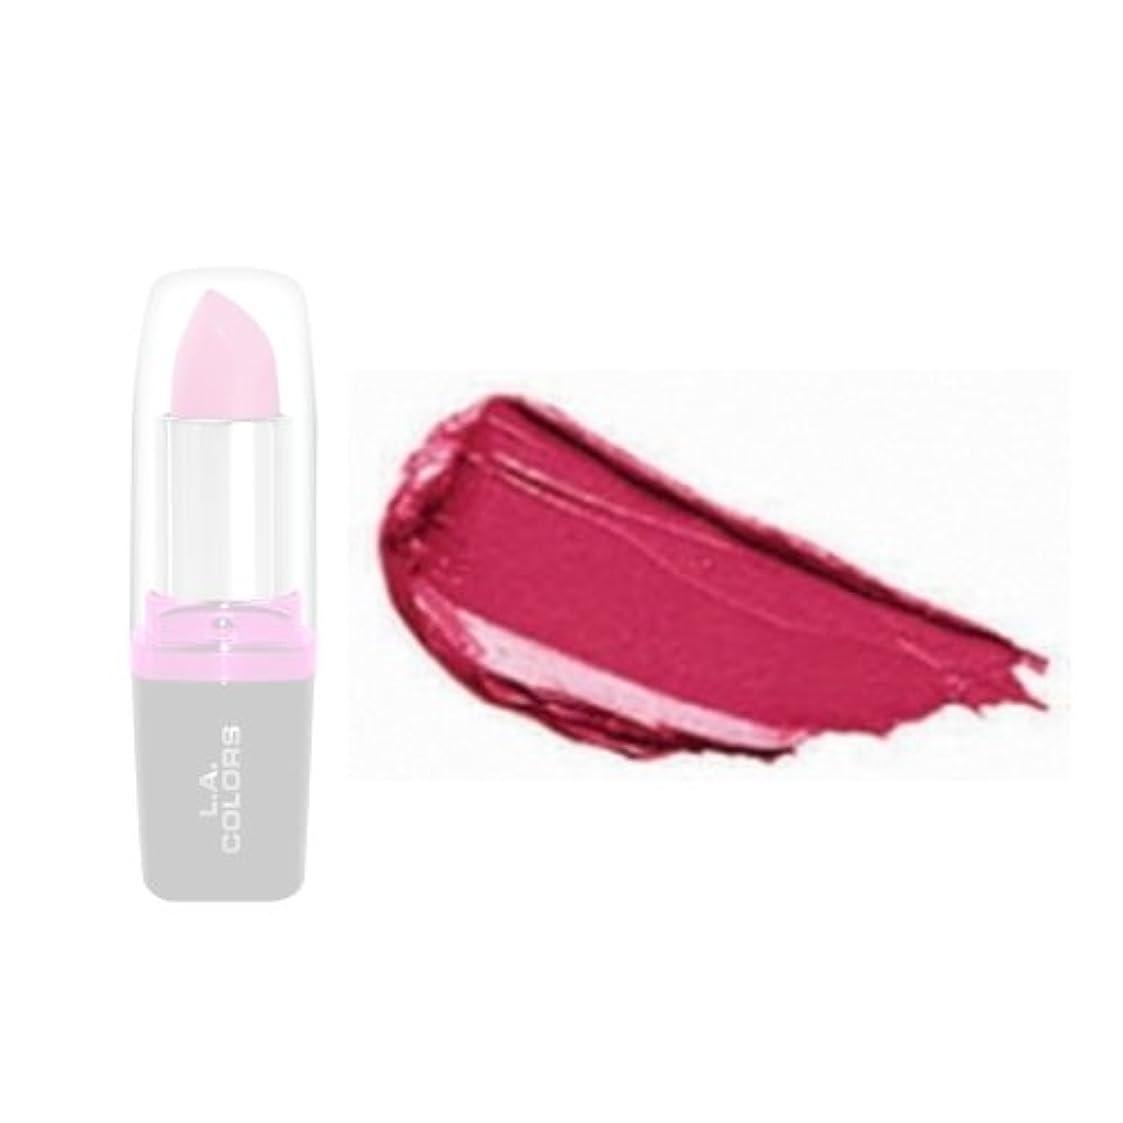 コーナー誓いストロークLA Colors Hydrating Lipstick - Razzle Dazzle (並行輸入品)